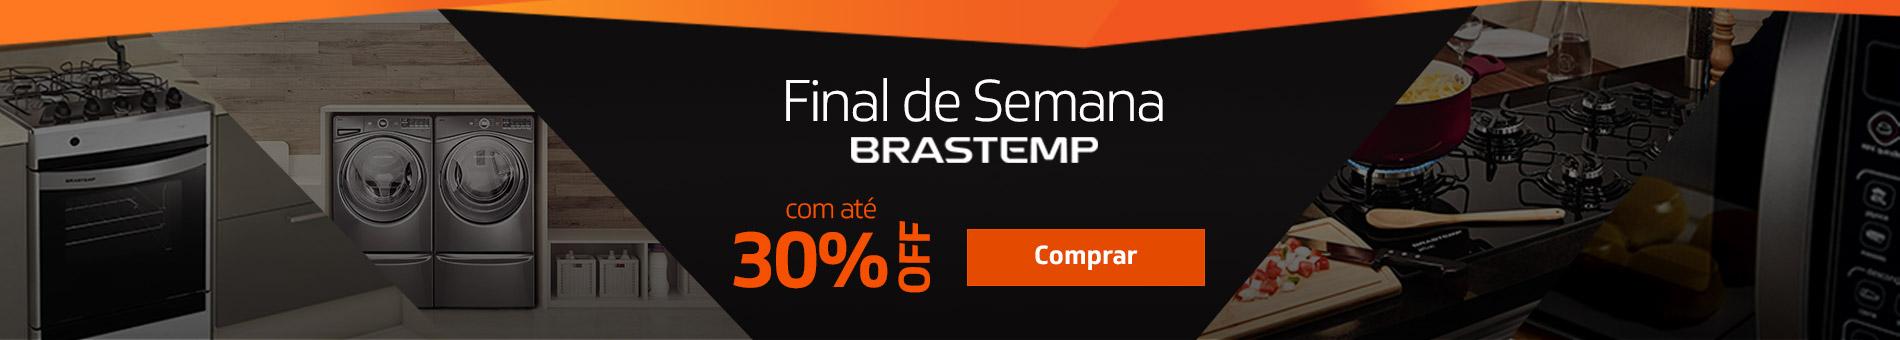 Promoção Interna - 579 - finaldesemana_generico_home1_22072016 - generico - 1